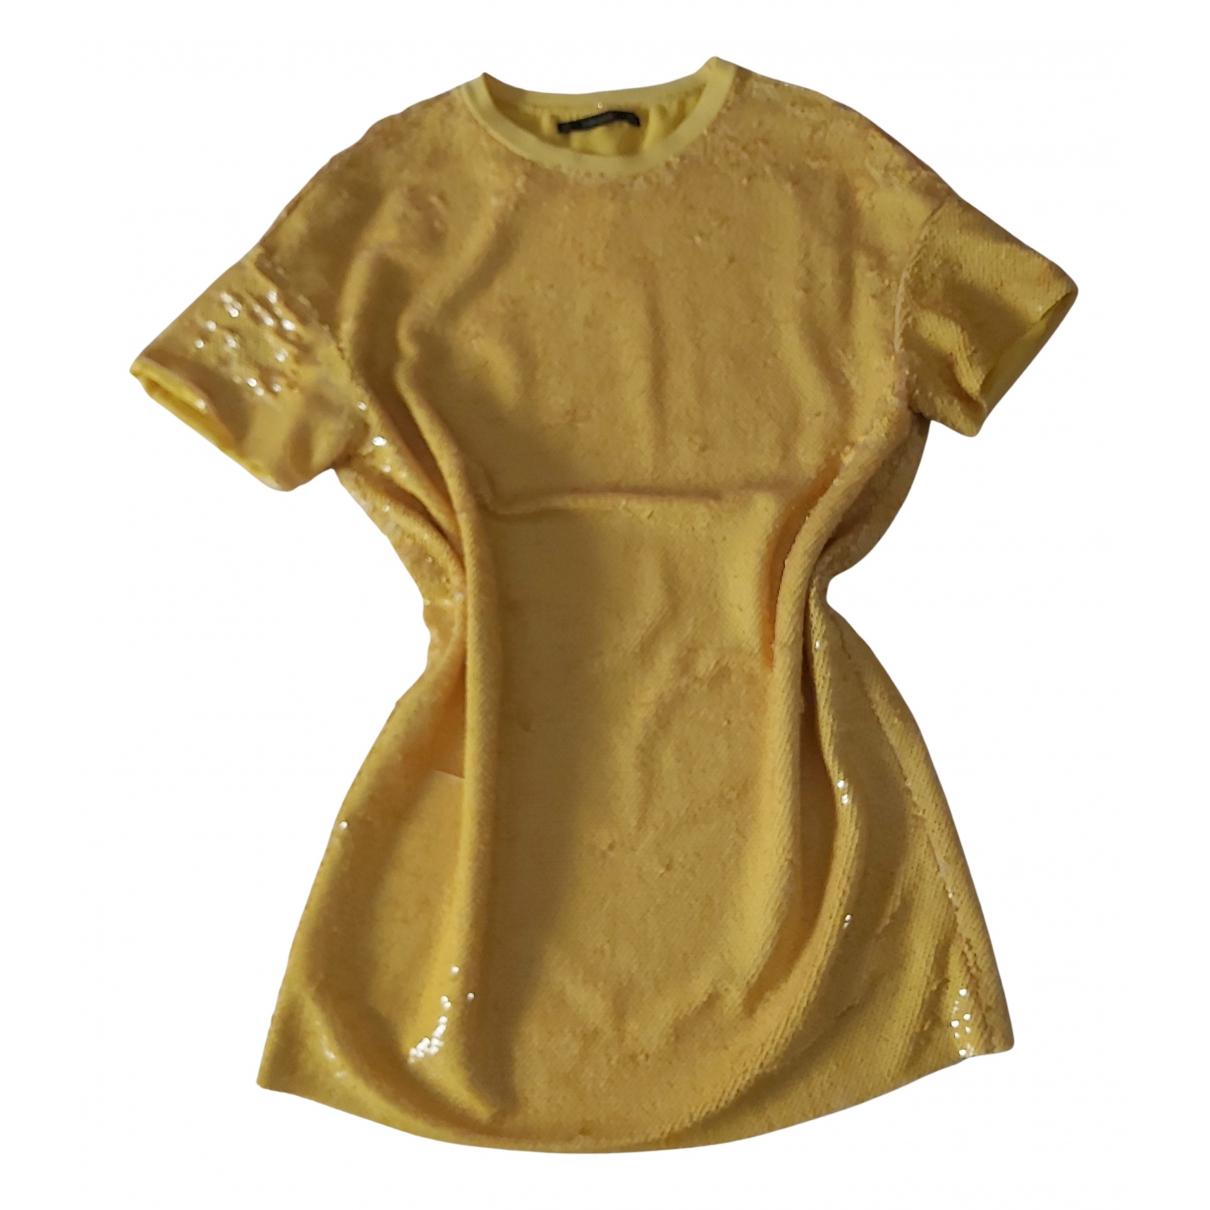 Zara - Robe   pour femme en a paillettes - jaune